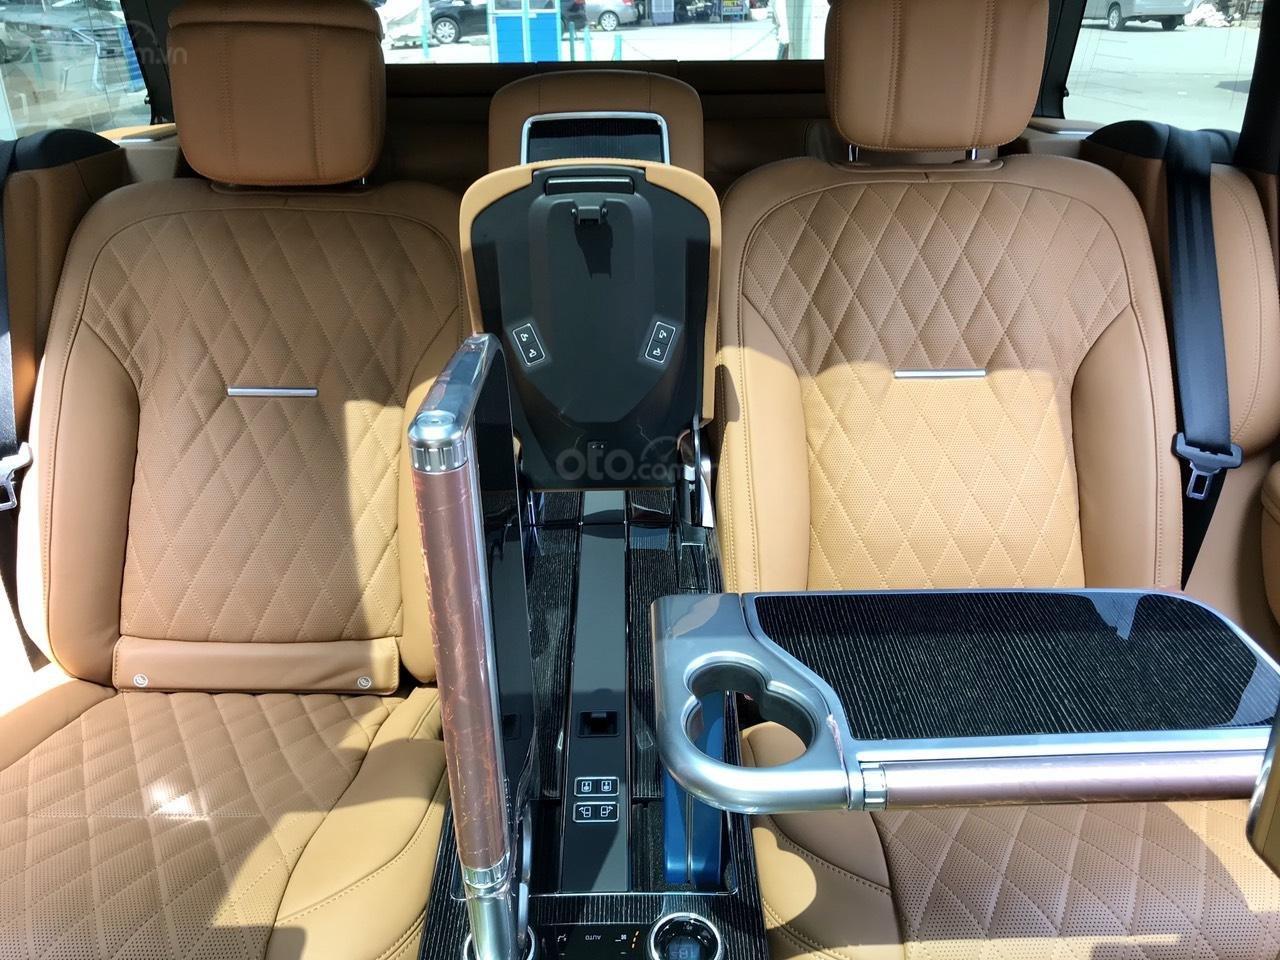 Bán xe Range Rover SV Autobiography 3.0 màu đỏ 2020, xe có sẵn giao ngay toàn quốc, giá tốt LH Ms Hương (12)